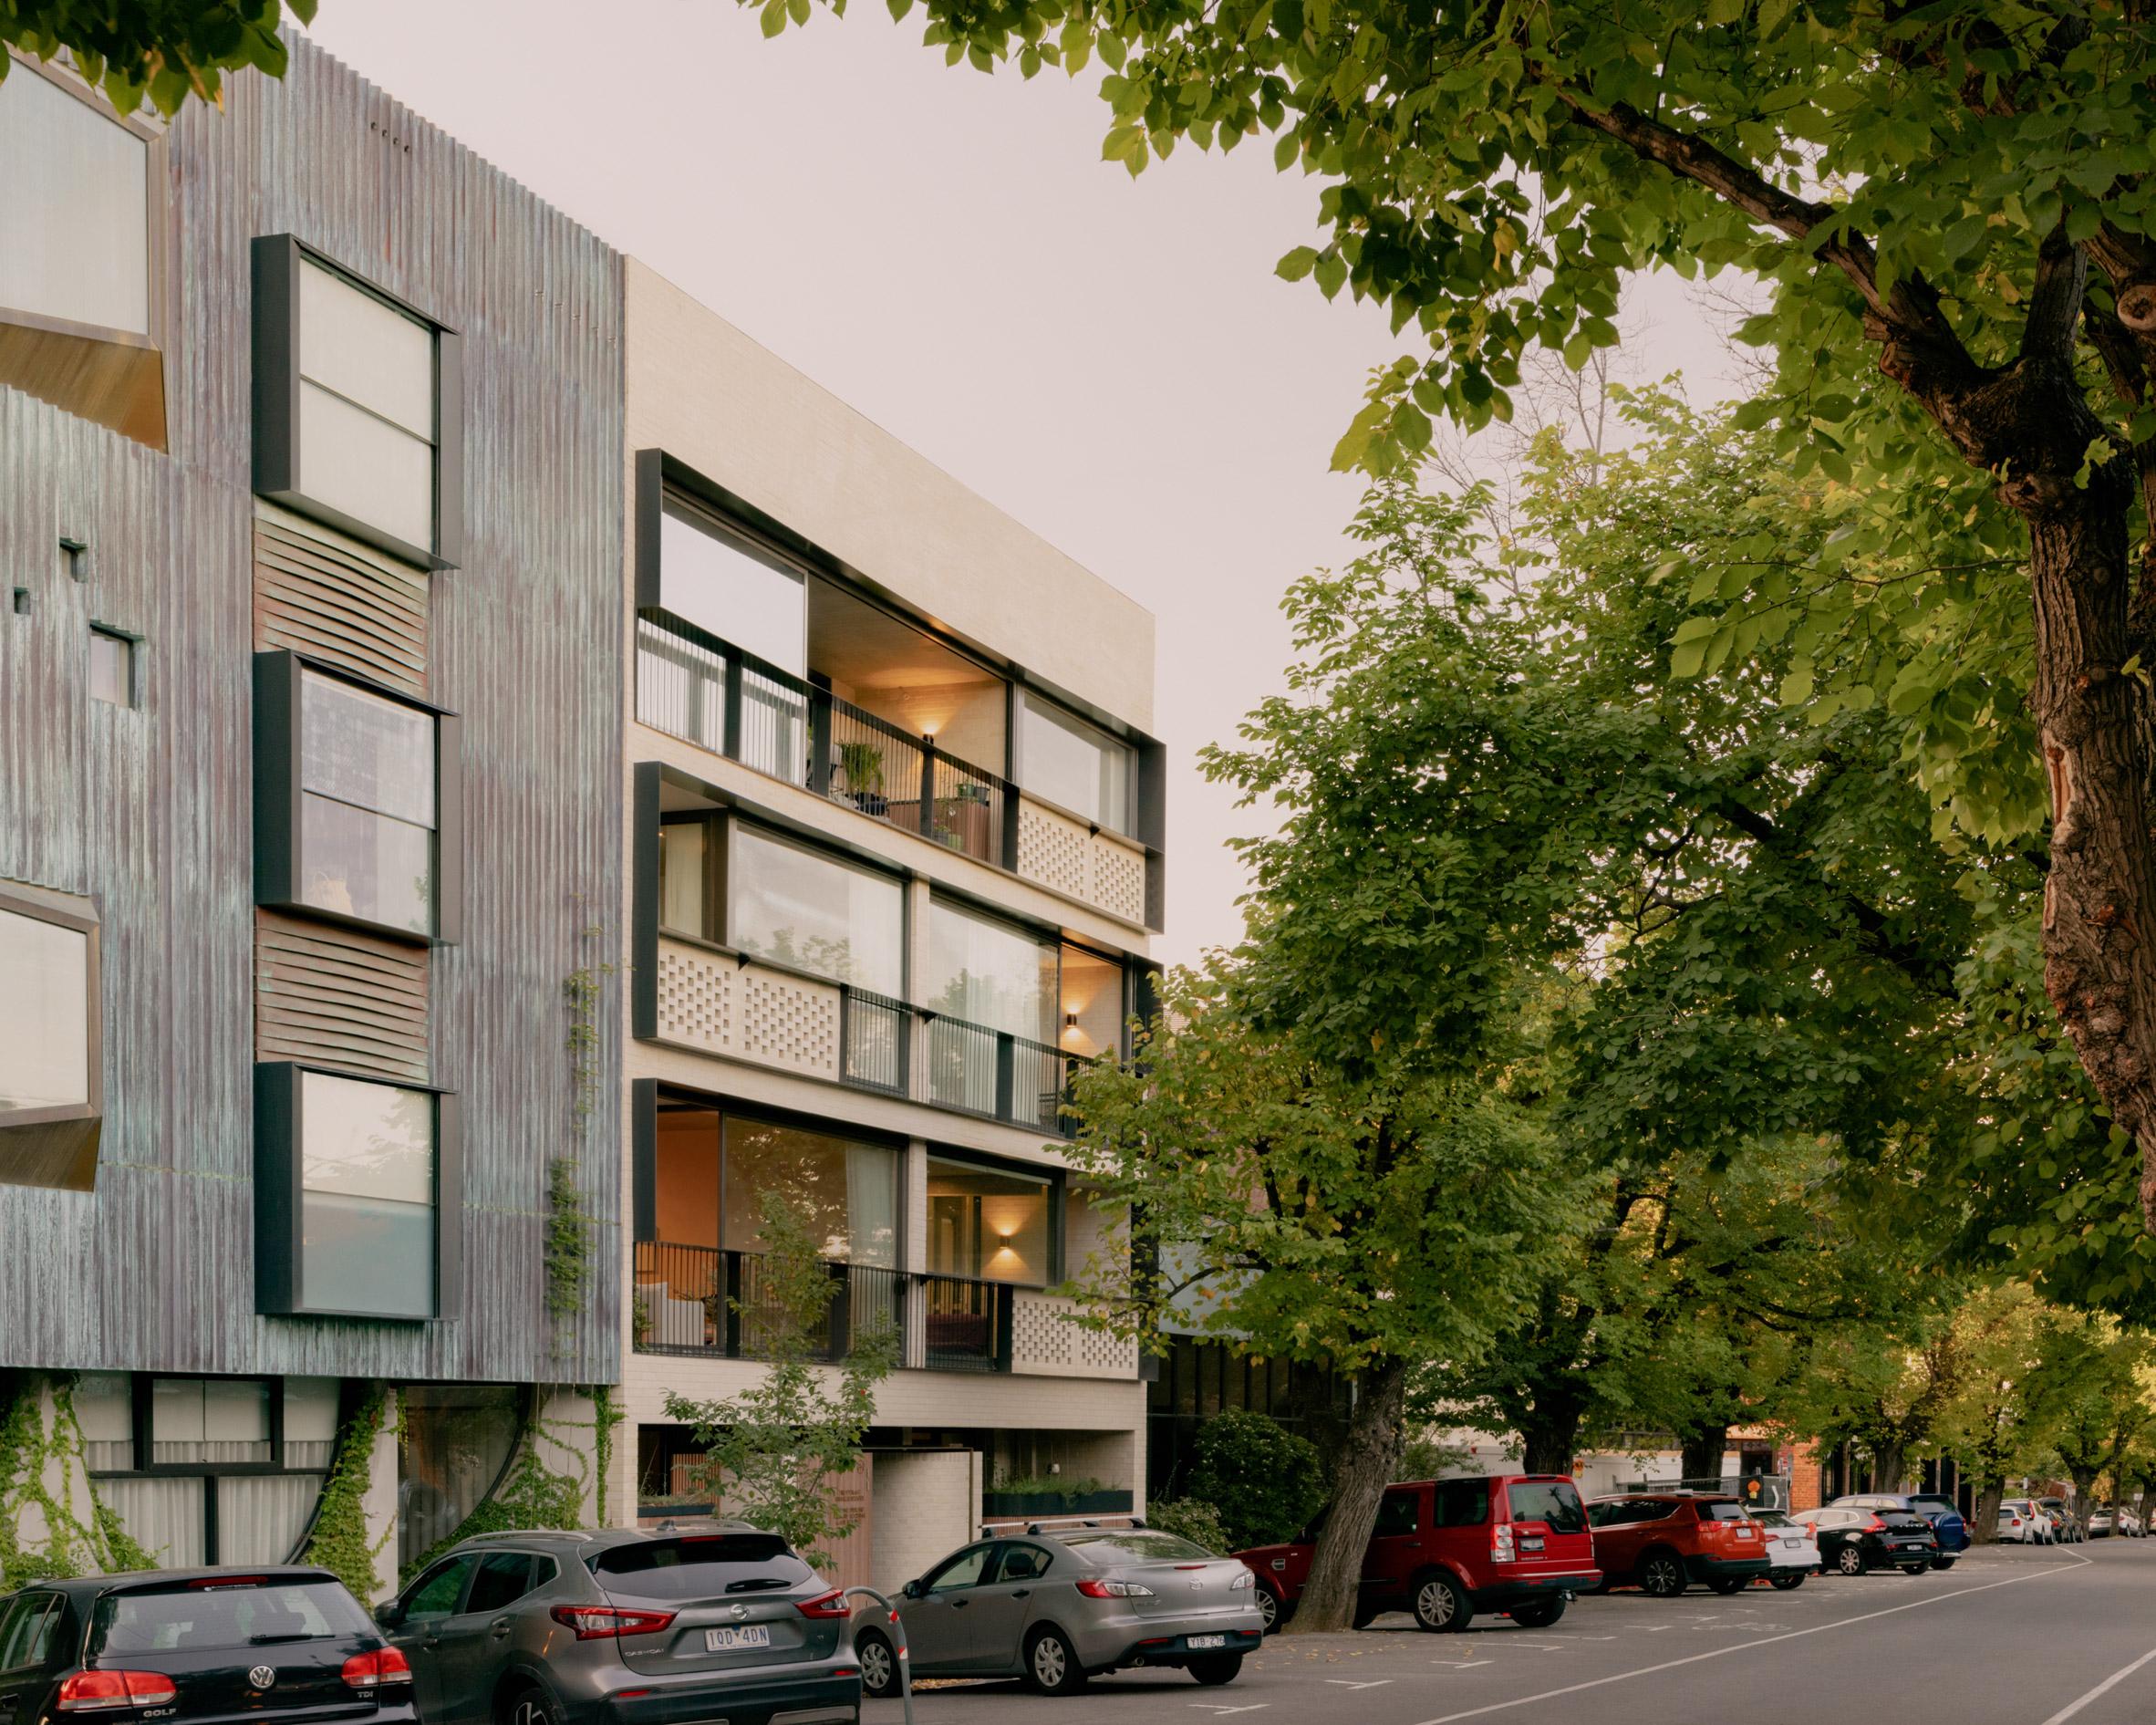 Exterior of Napier Street apartments by Freadman White